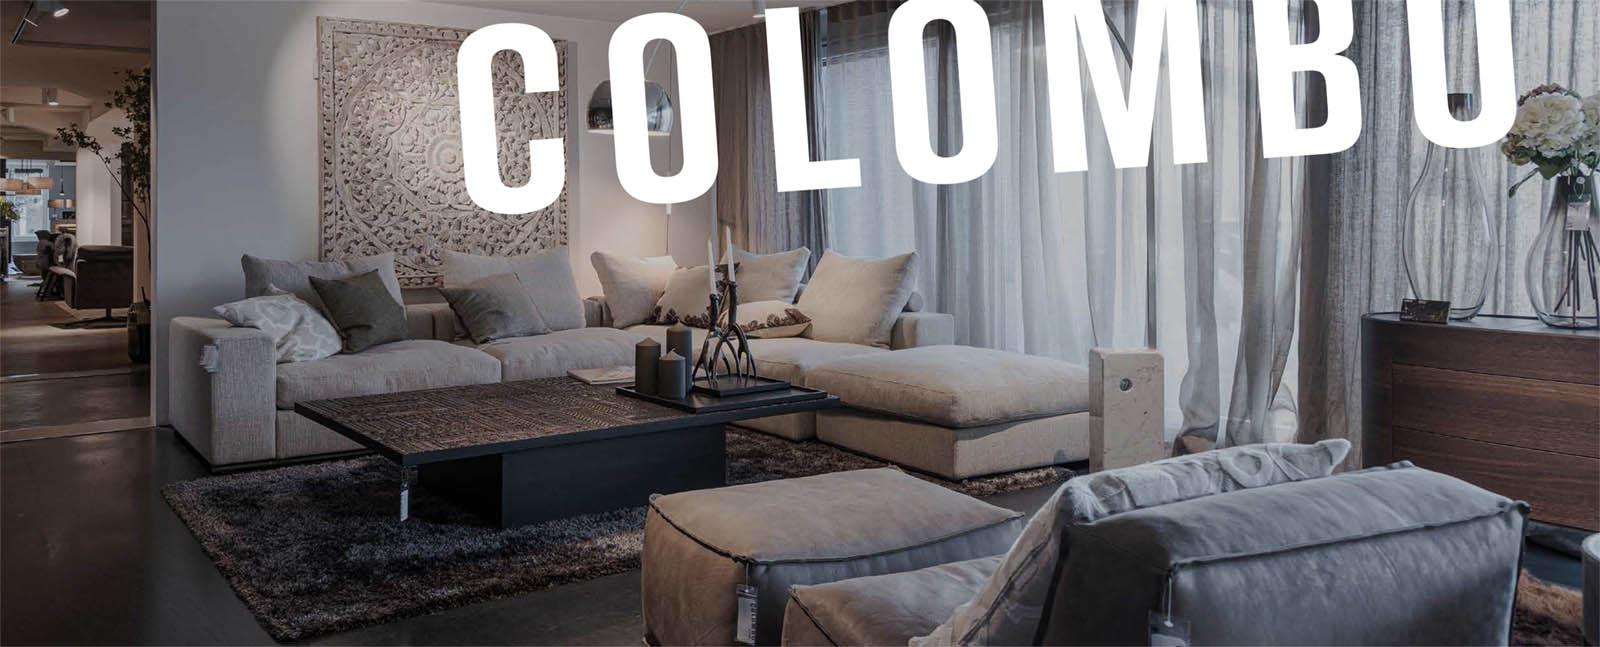 Offene Stellen Colombo